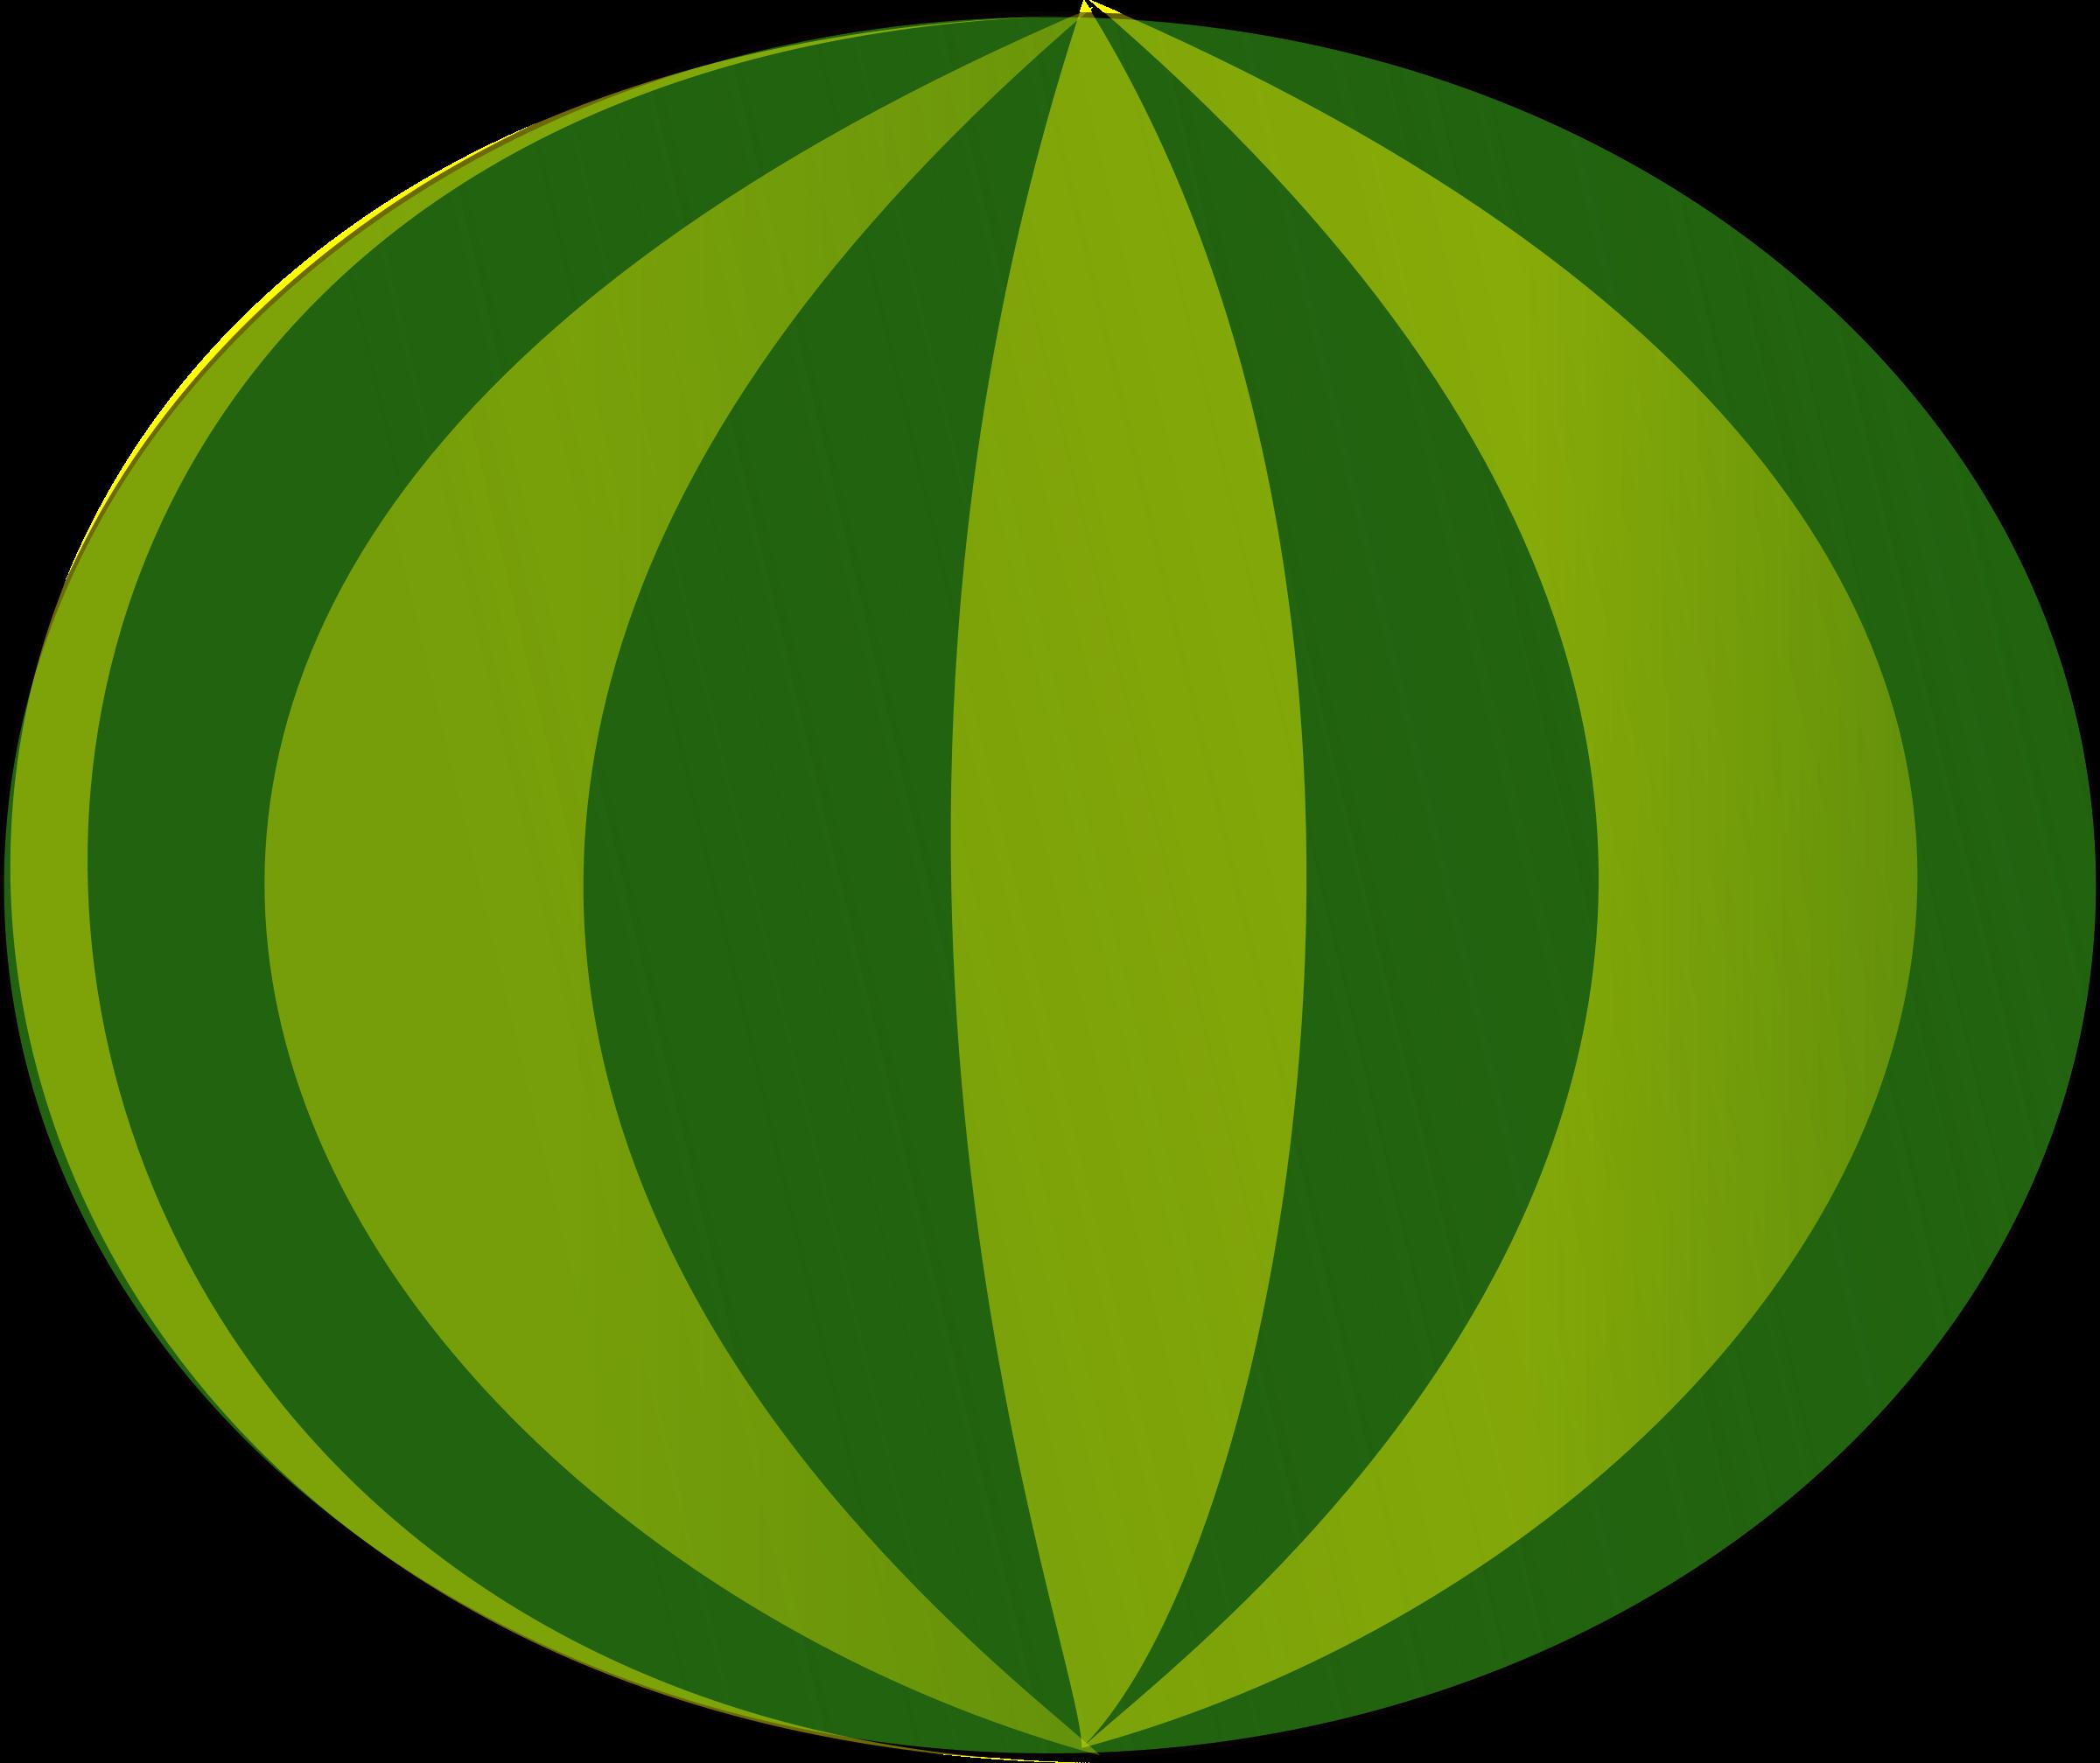 Circle clipart watermelon. Big image png